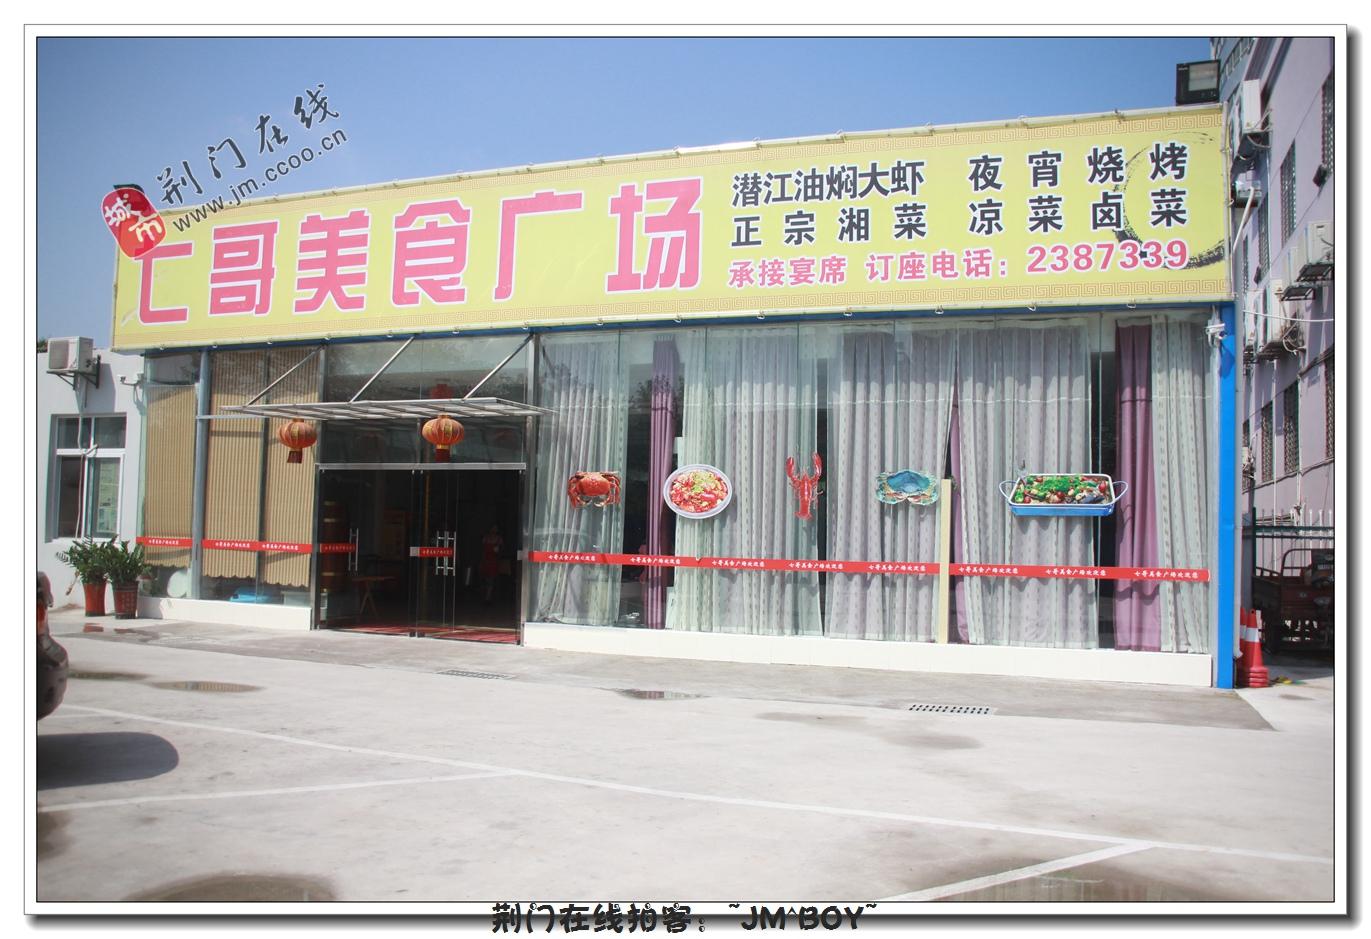 荆门七哥美食广场